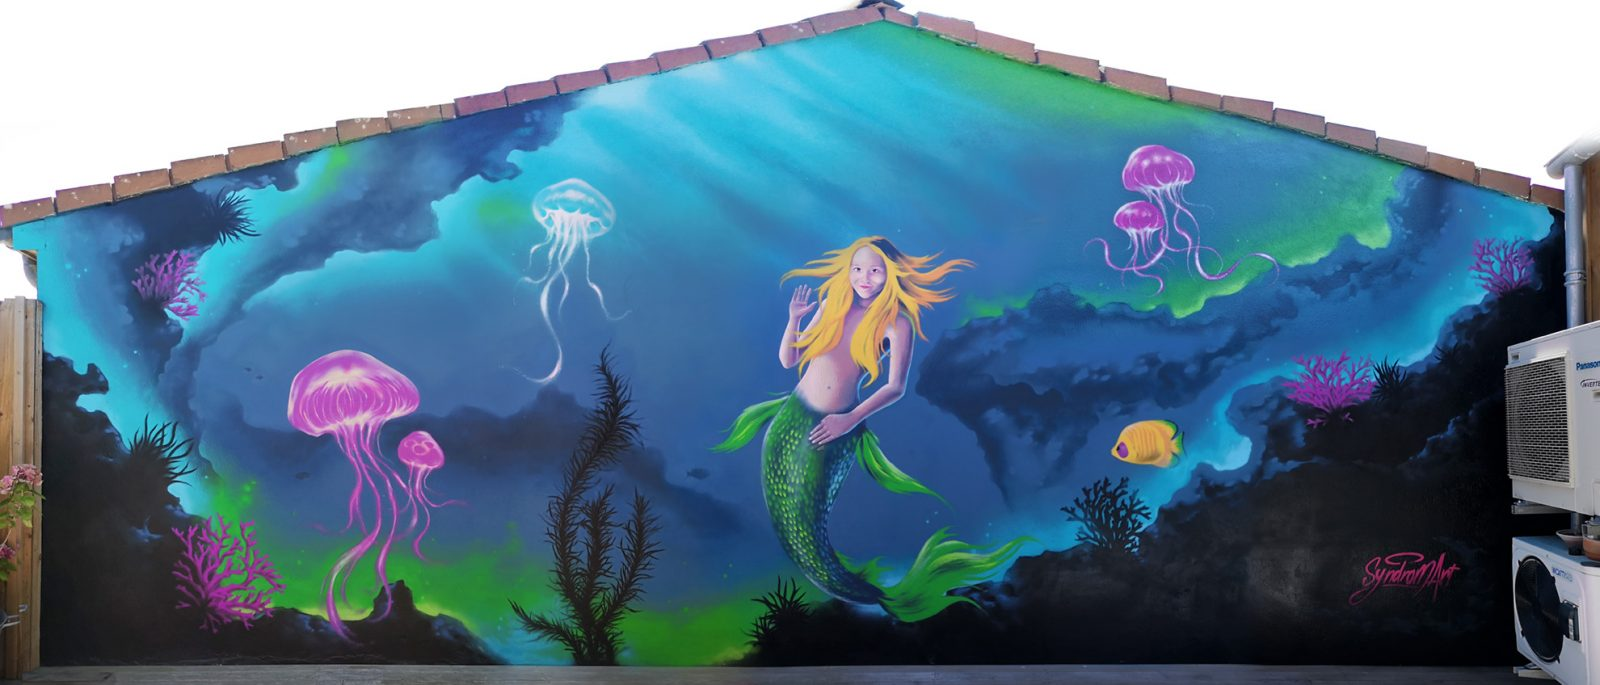 Fresque murale fantaisie sur le thème de la sirène dans un fond marin avec poisson tropical, coraux et méduses